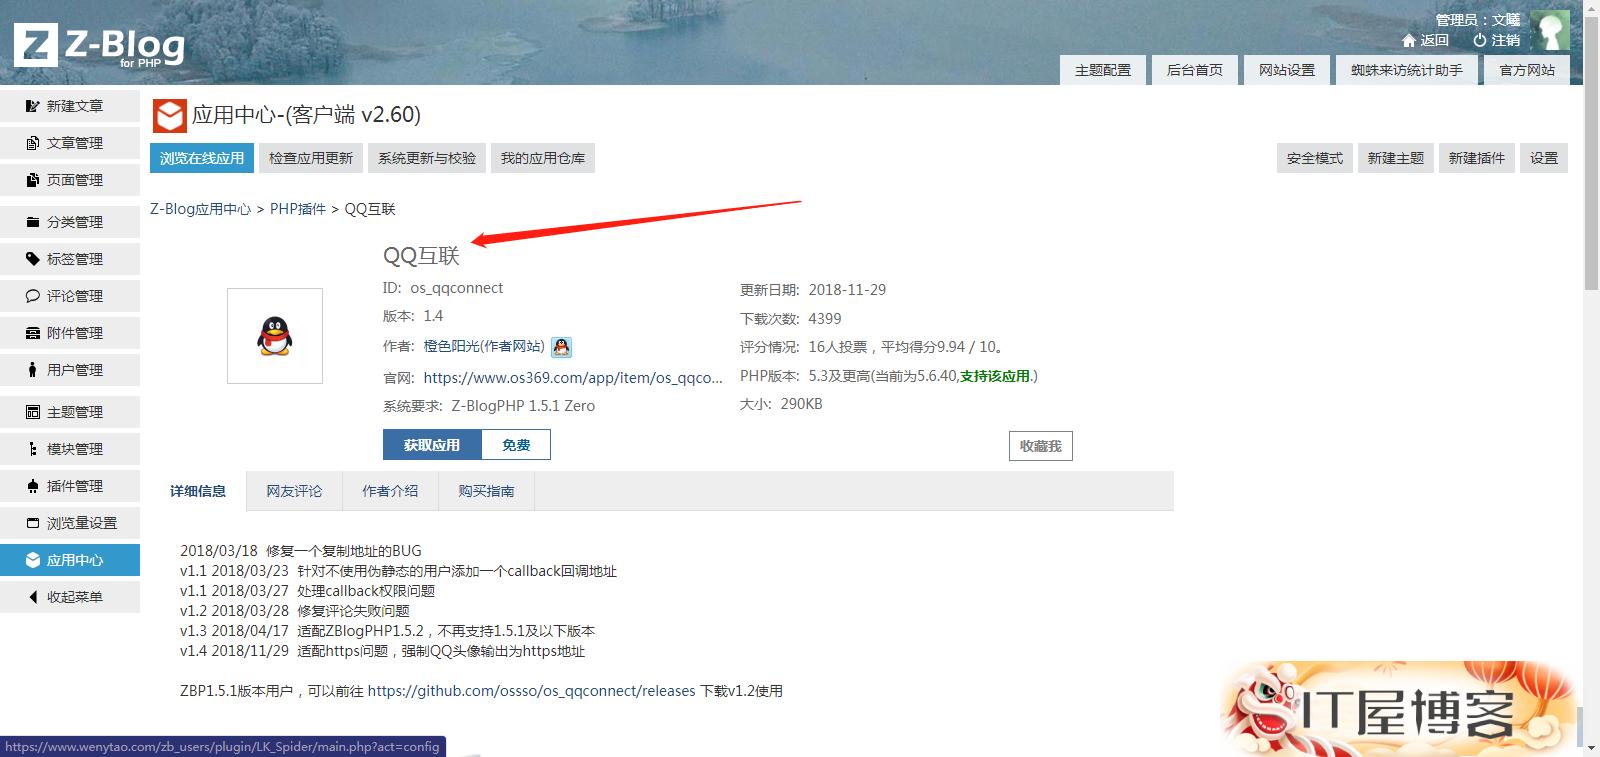 申请成为QQ互联个人开发者步骤(注意事项)【2021最新】  申请成为QQ互联 第8张